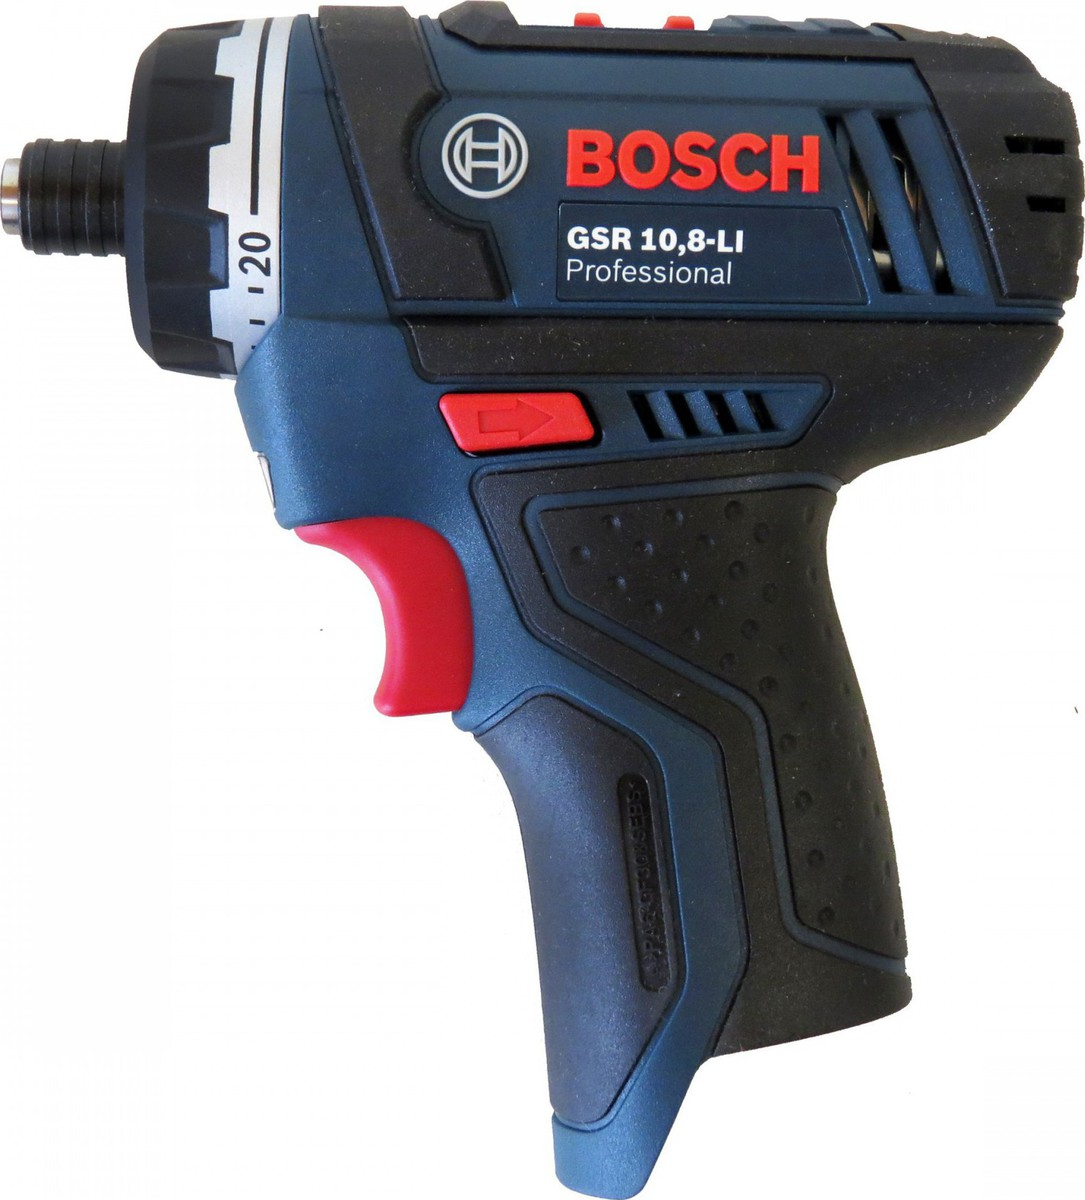 Κατσαβίδι Μπαταρίας  Bosch GSR 10.8-LI Solo Professional (060199290C)